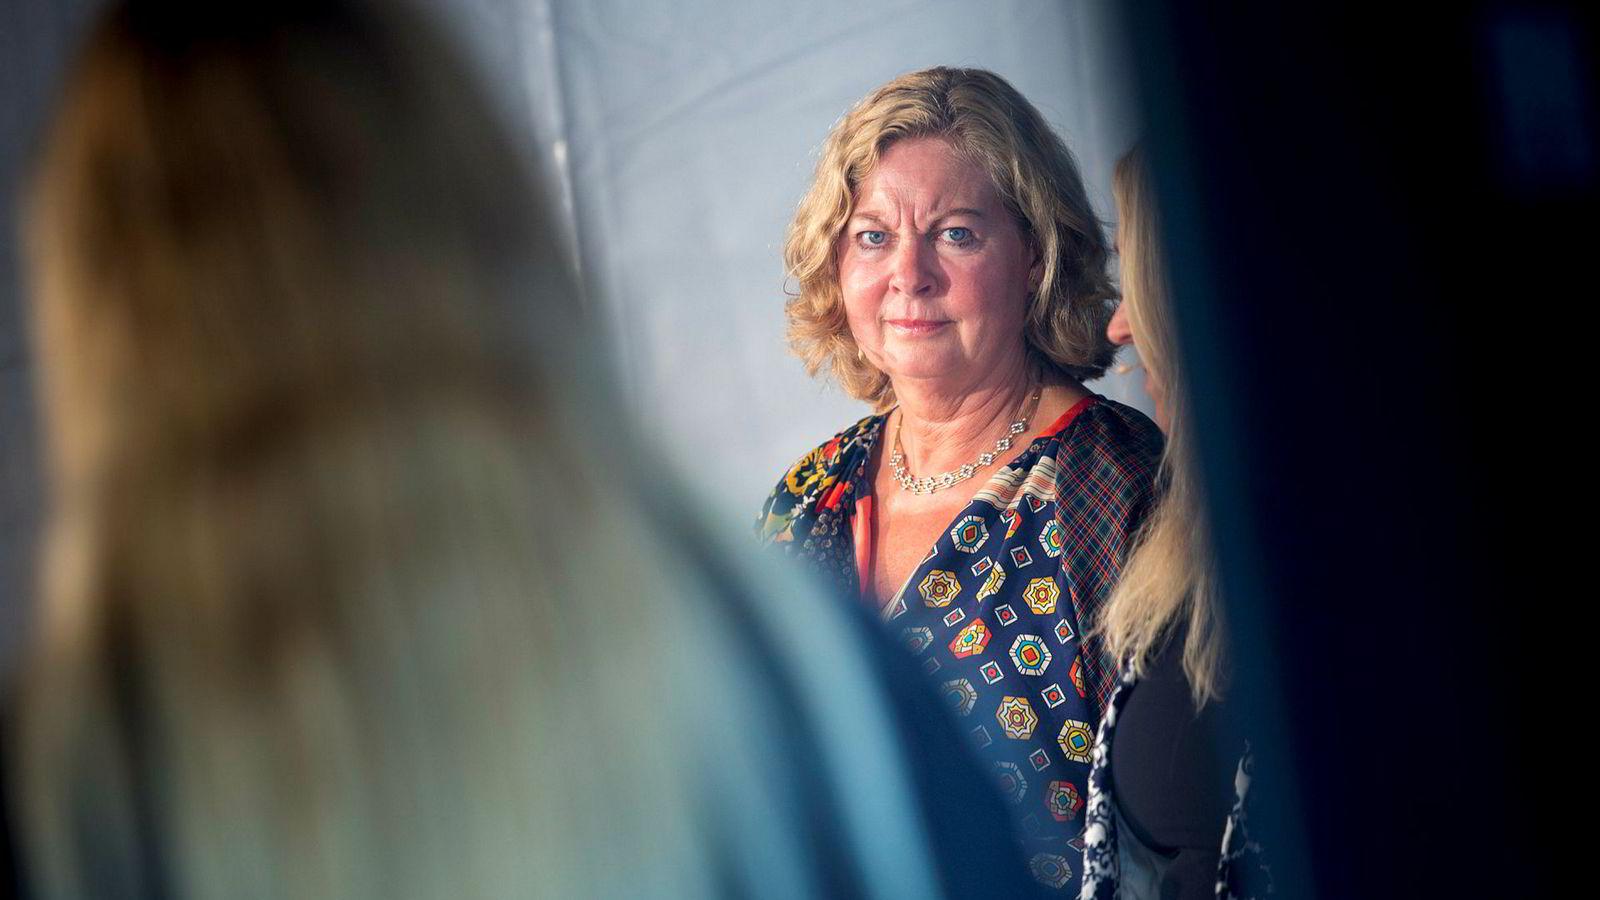 Sjefen for Telenor Skandinavia, Berit Svendsen, er nærmest blitt en symbolfigur for alle kvinner i norsk toppledelse. Her fotografert i en paneldebatt under Arendalsuka.